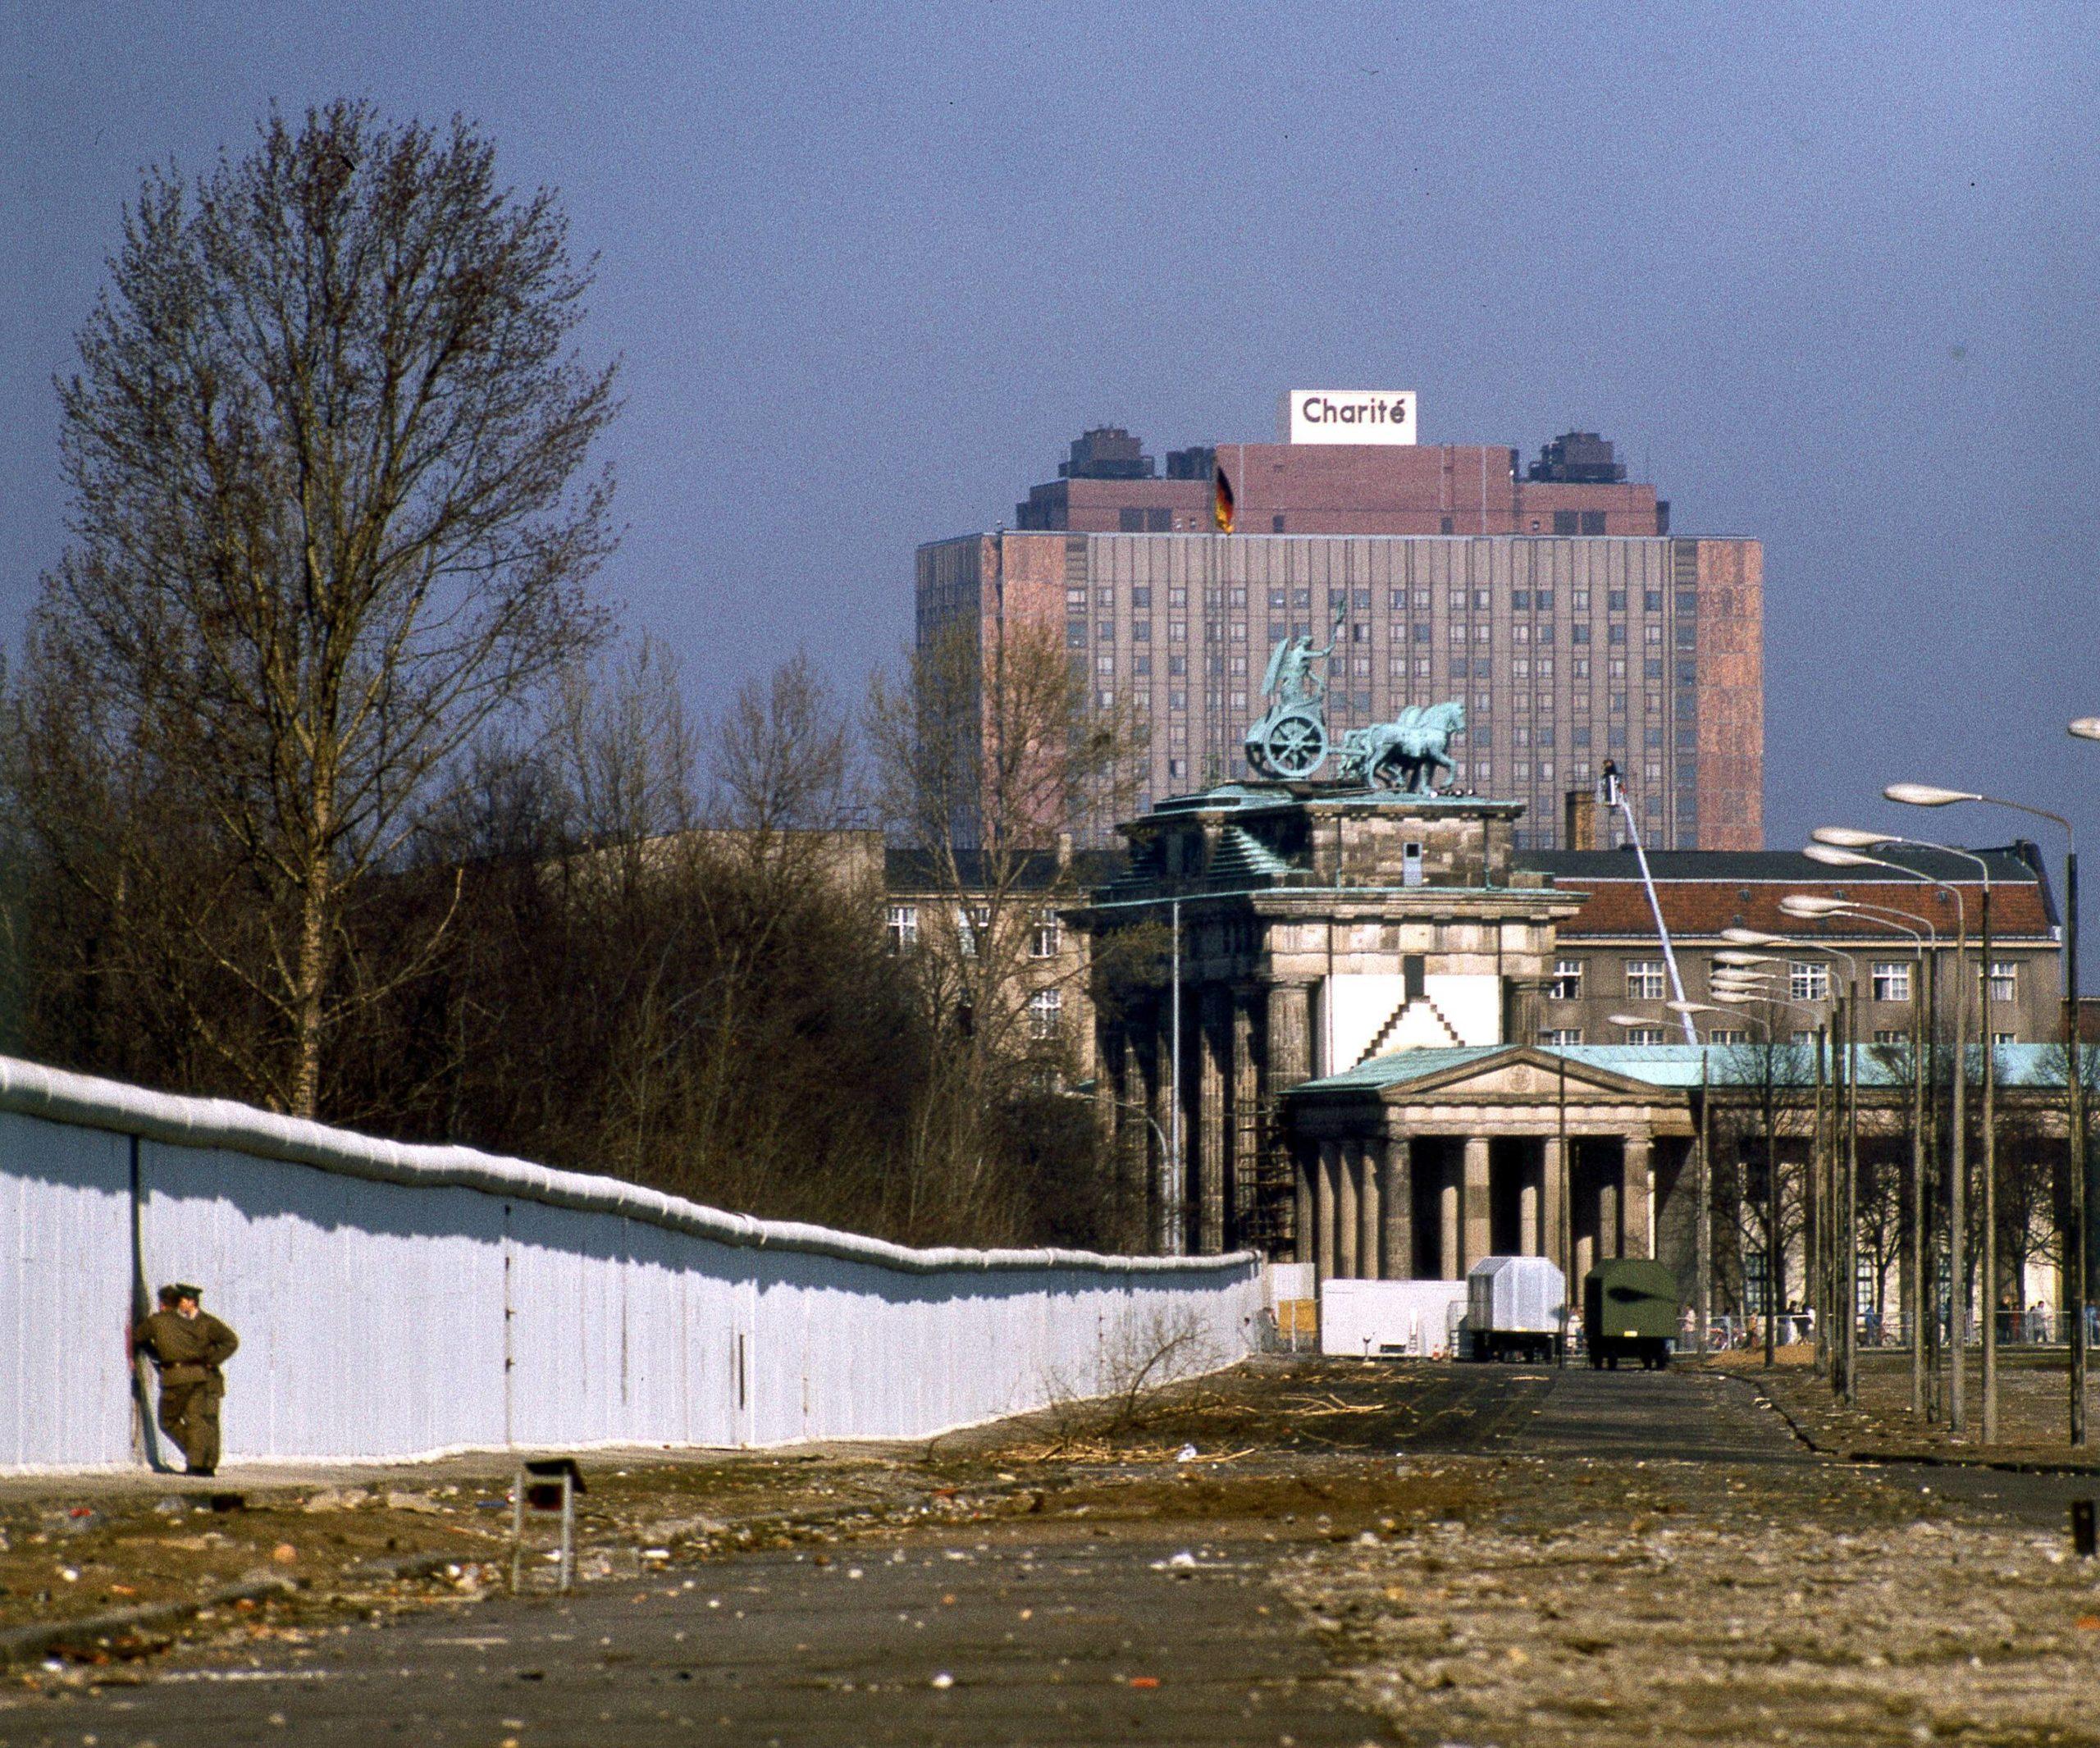 Das markante Gebäude wurde von einem Architektenteam unter Karl-Ernst Swora und Dieter Bankert entworfen und gebaut. Foto: Imago/NBL Bildarchiv